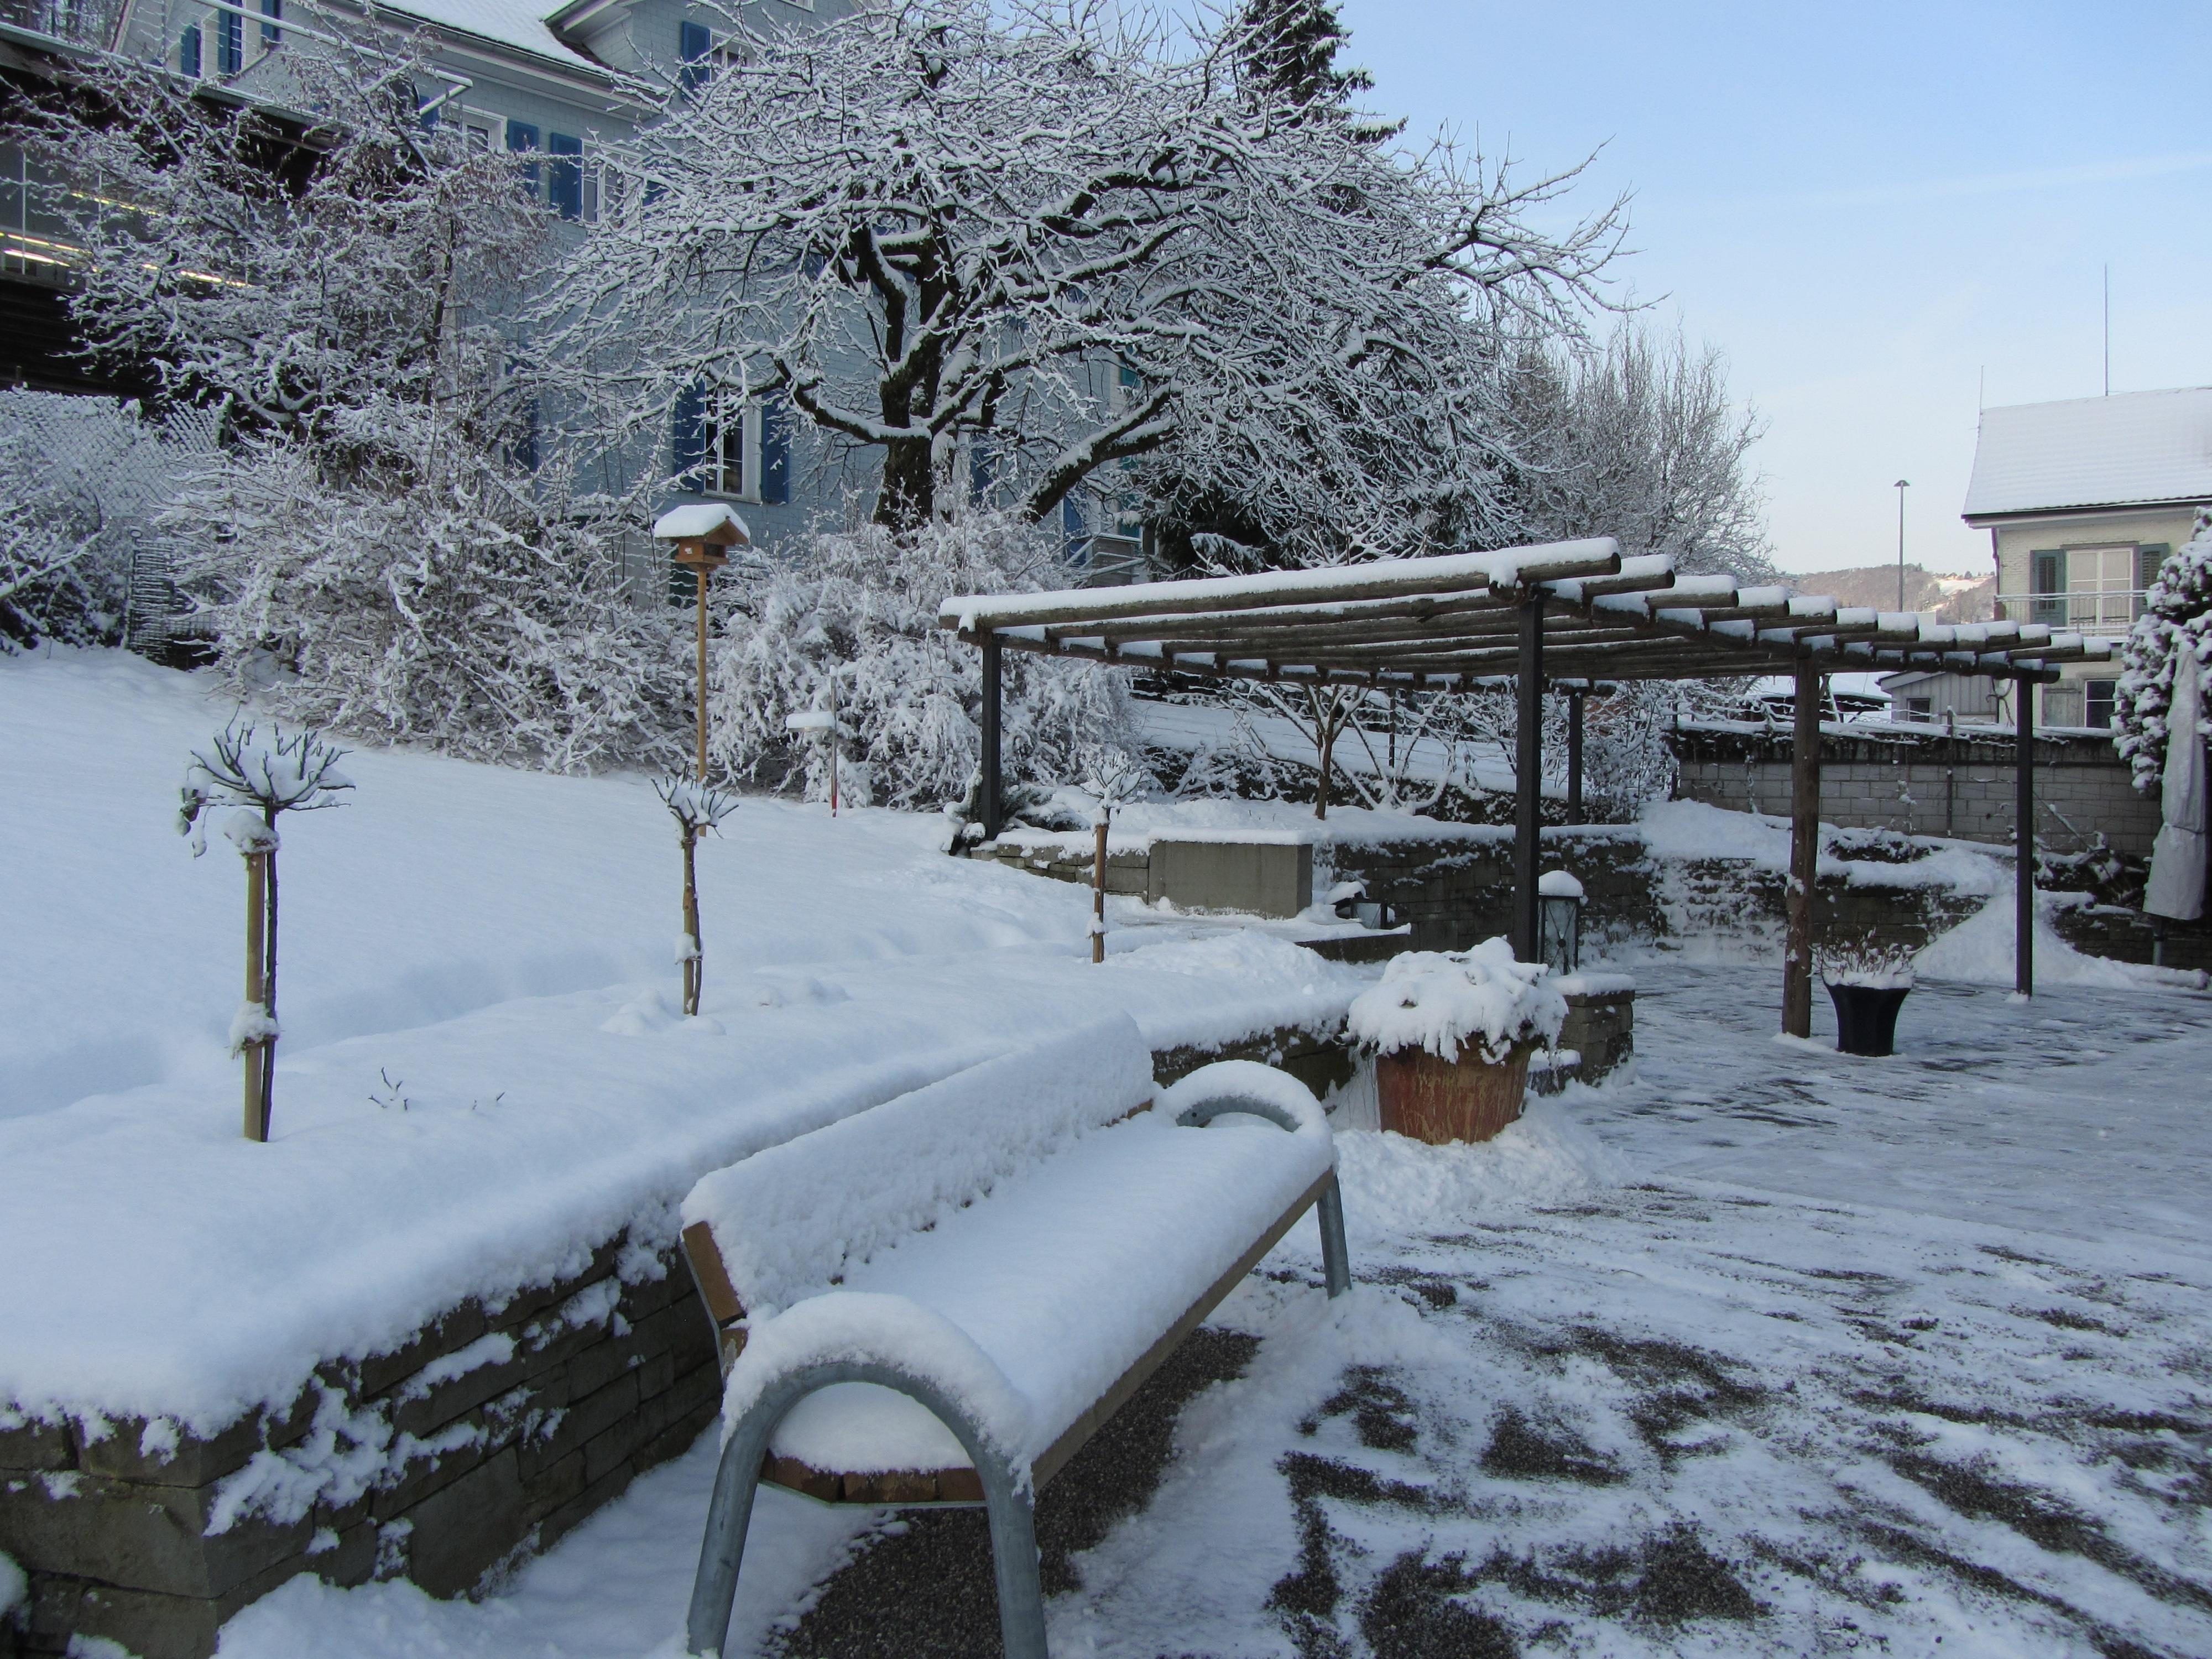 Februar gartenbau m der - Winter gartenbau ...